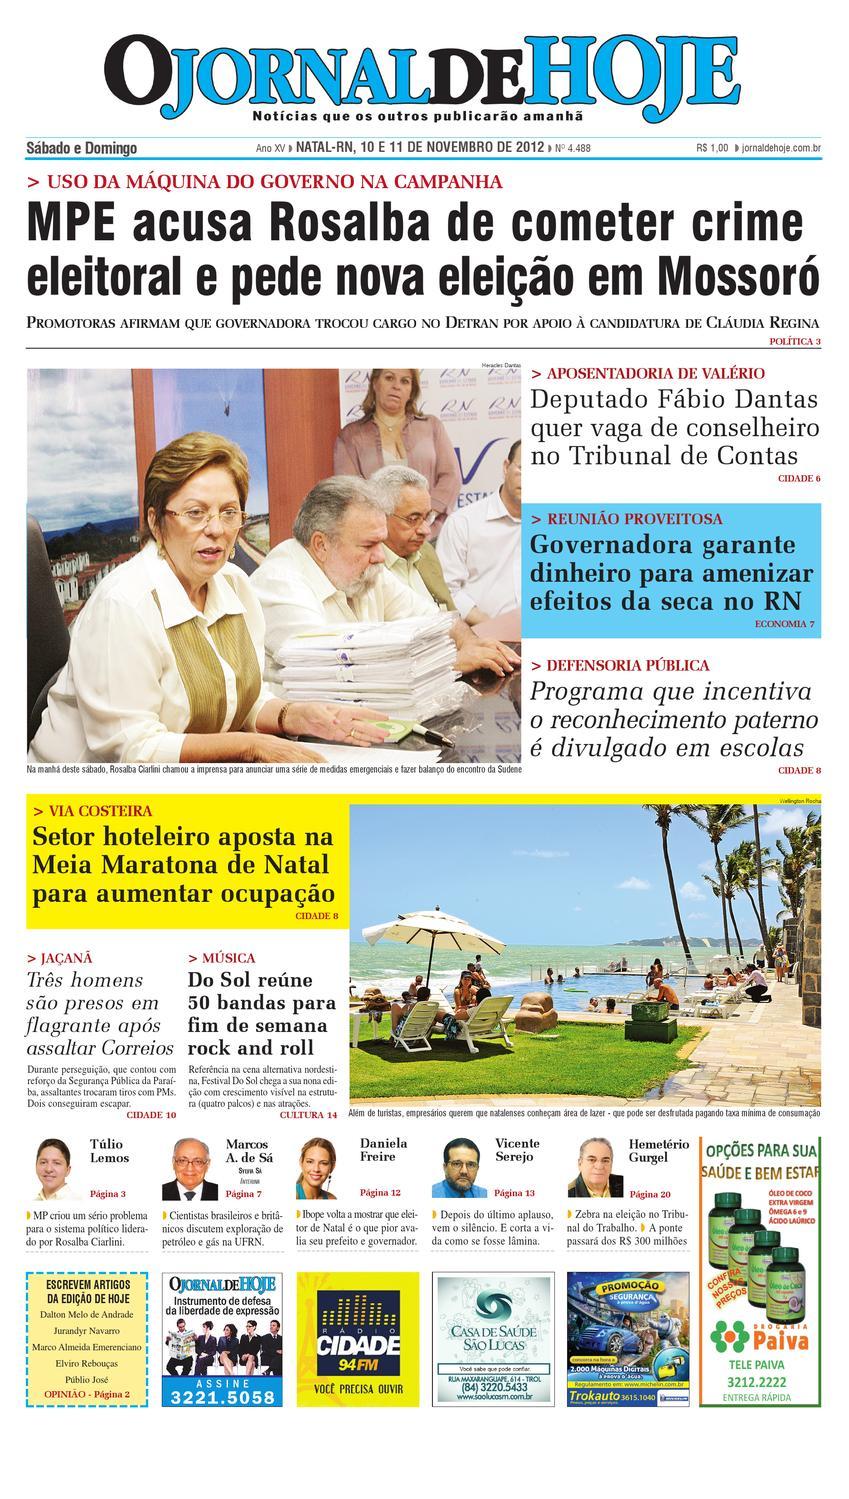 FLIP 10/11/2012 by Marcelo Sá - issuu